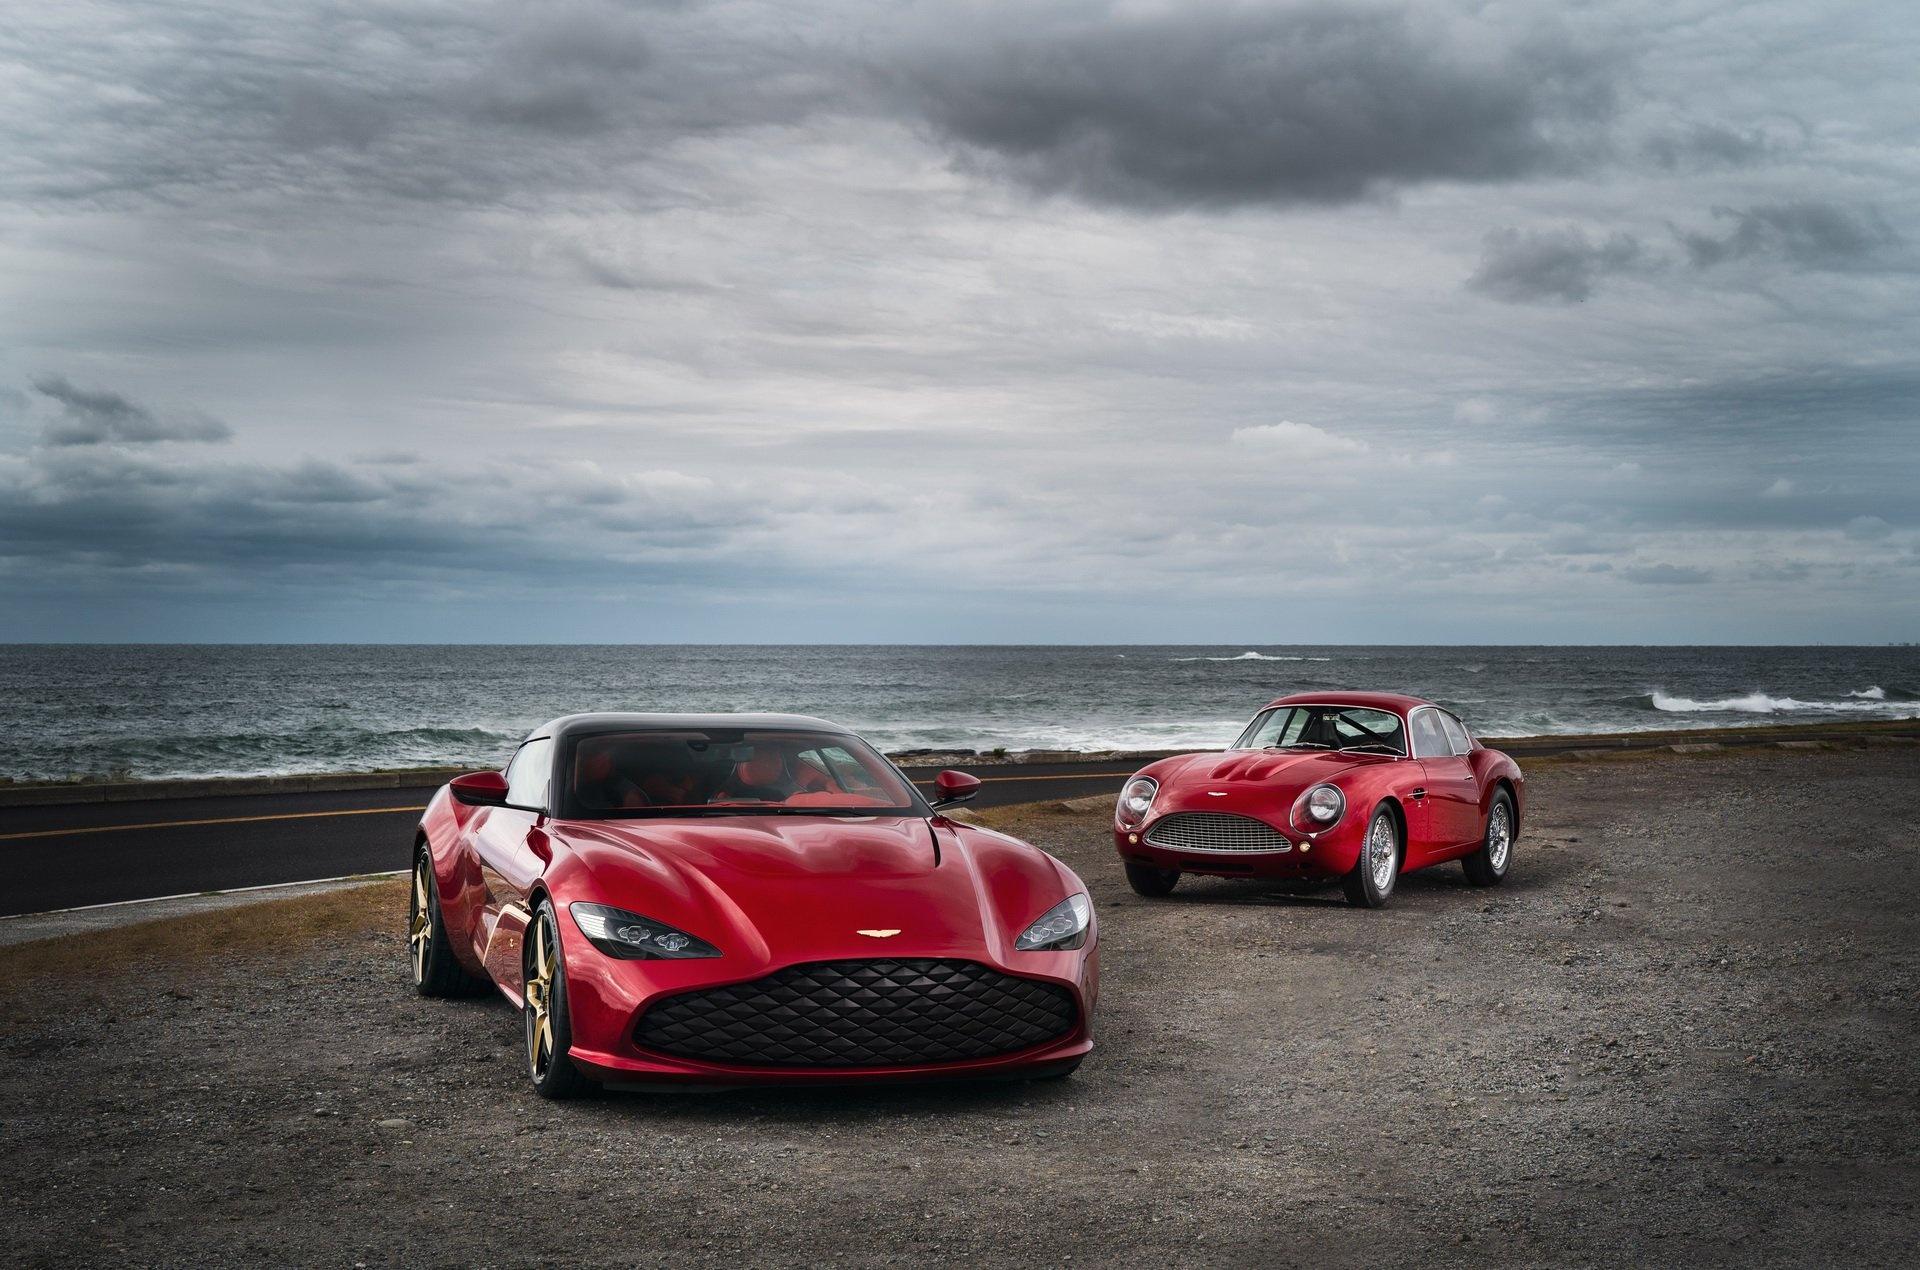 Aston Martin ra mat sieu xe dat vang gia trieu USD hinh anh 4